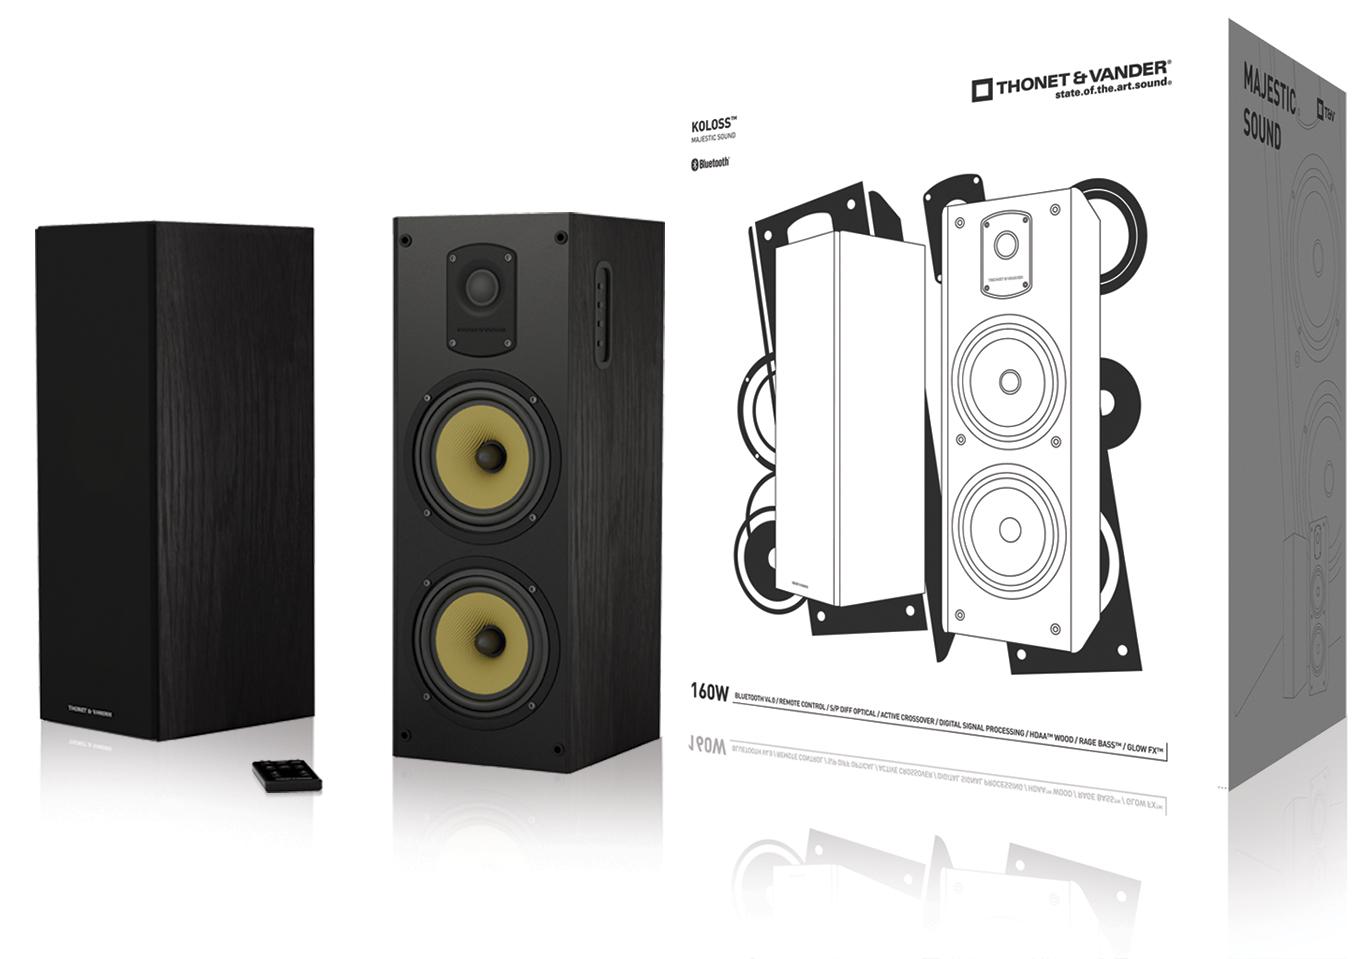 Thonet & Vander TH-03560 - Koloss Bluetooth - TH-03560